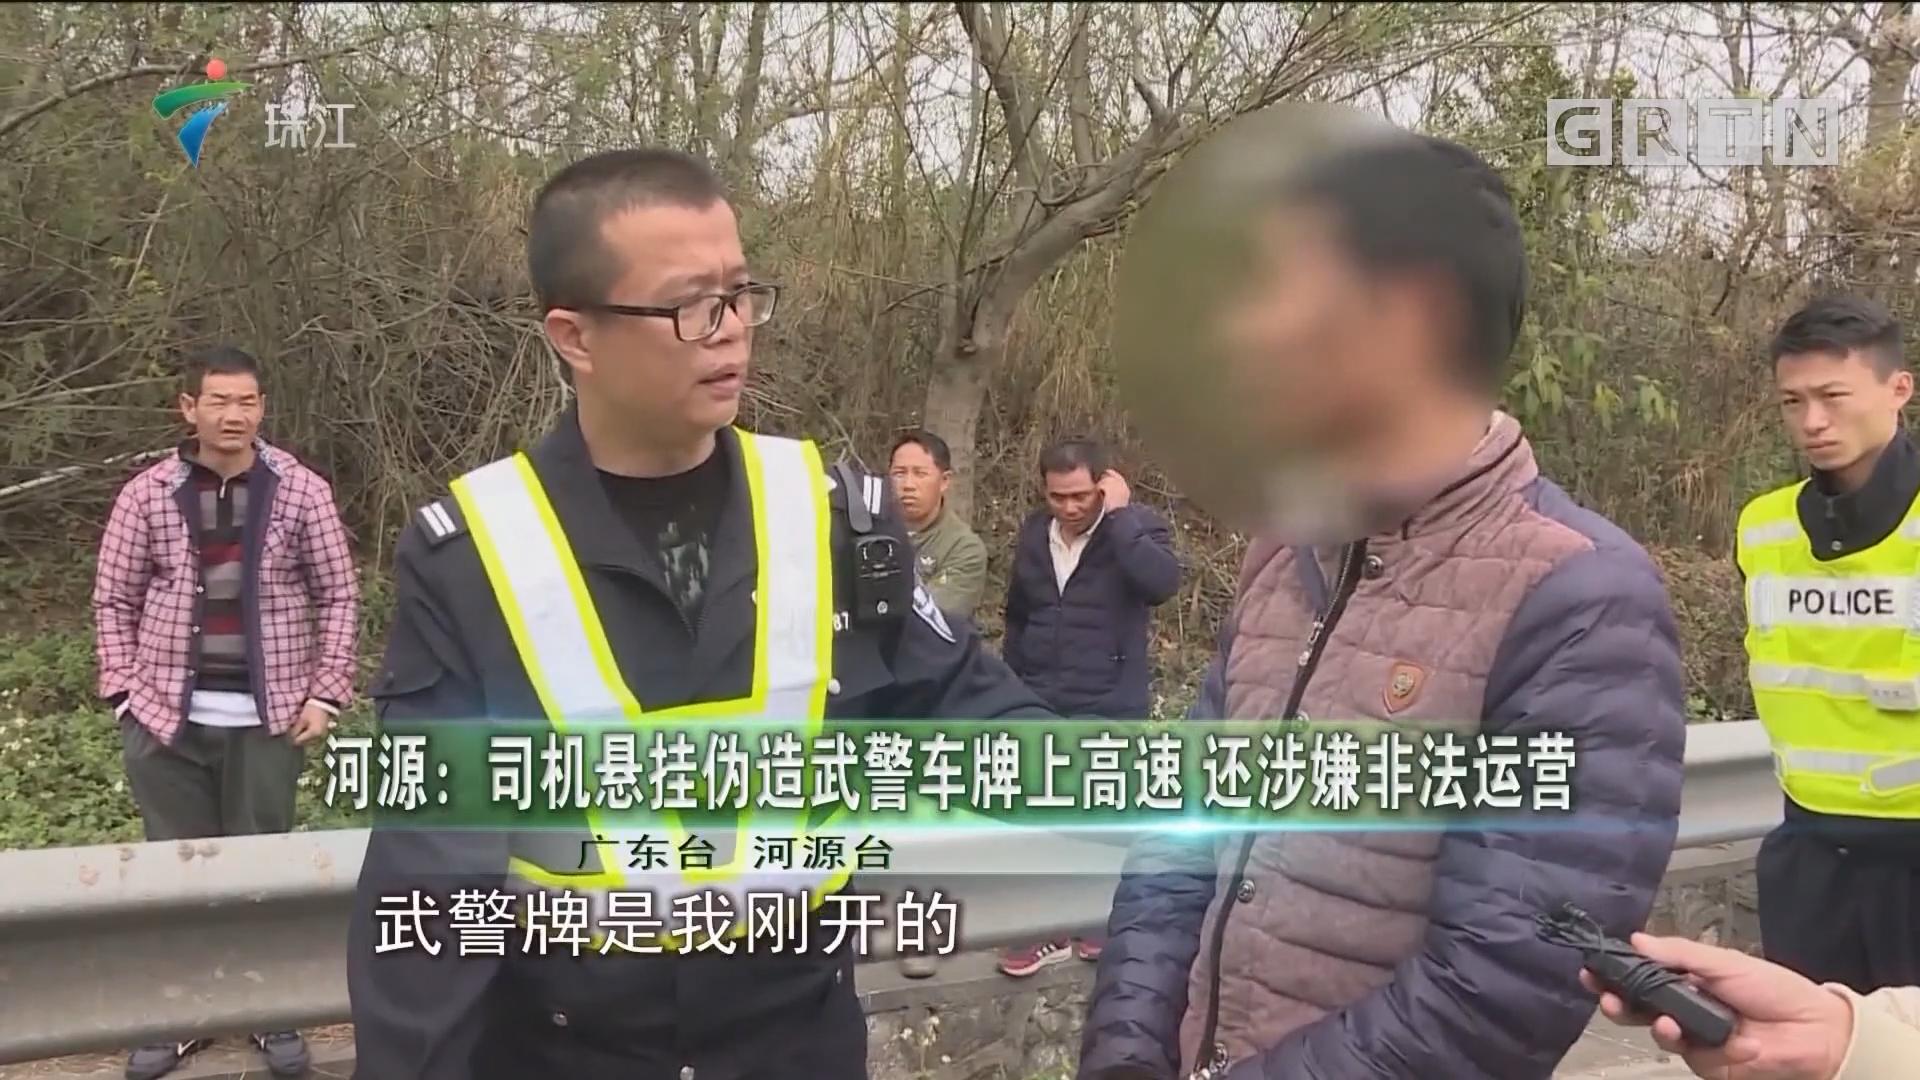 河源:司机悬挂伪造武警车牌上高速 还涉嫌非法运营